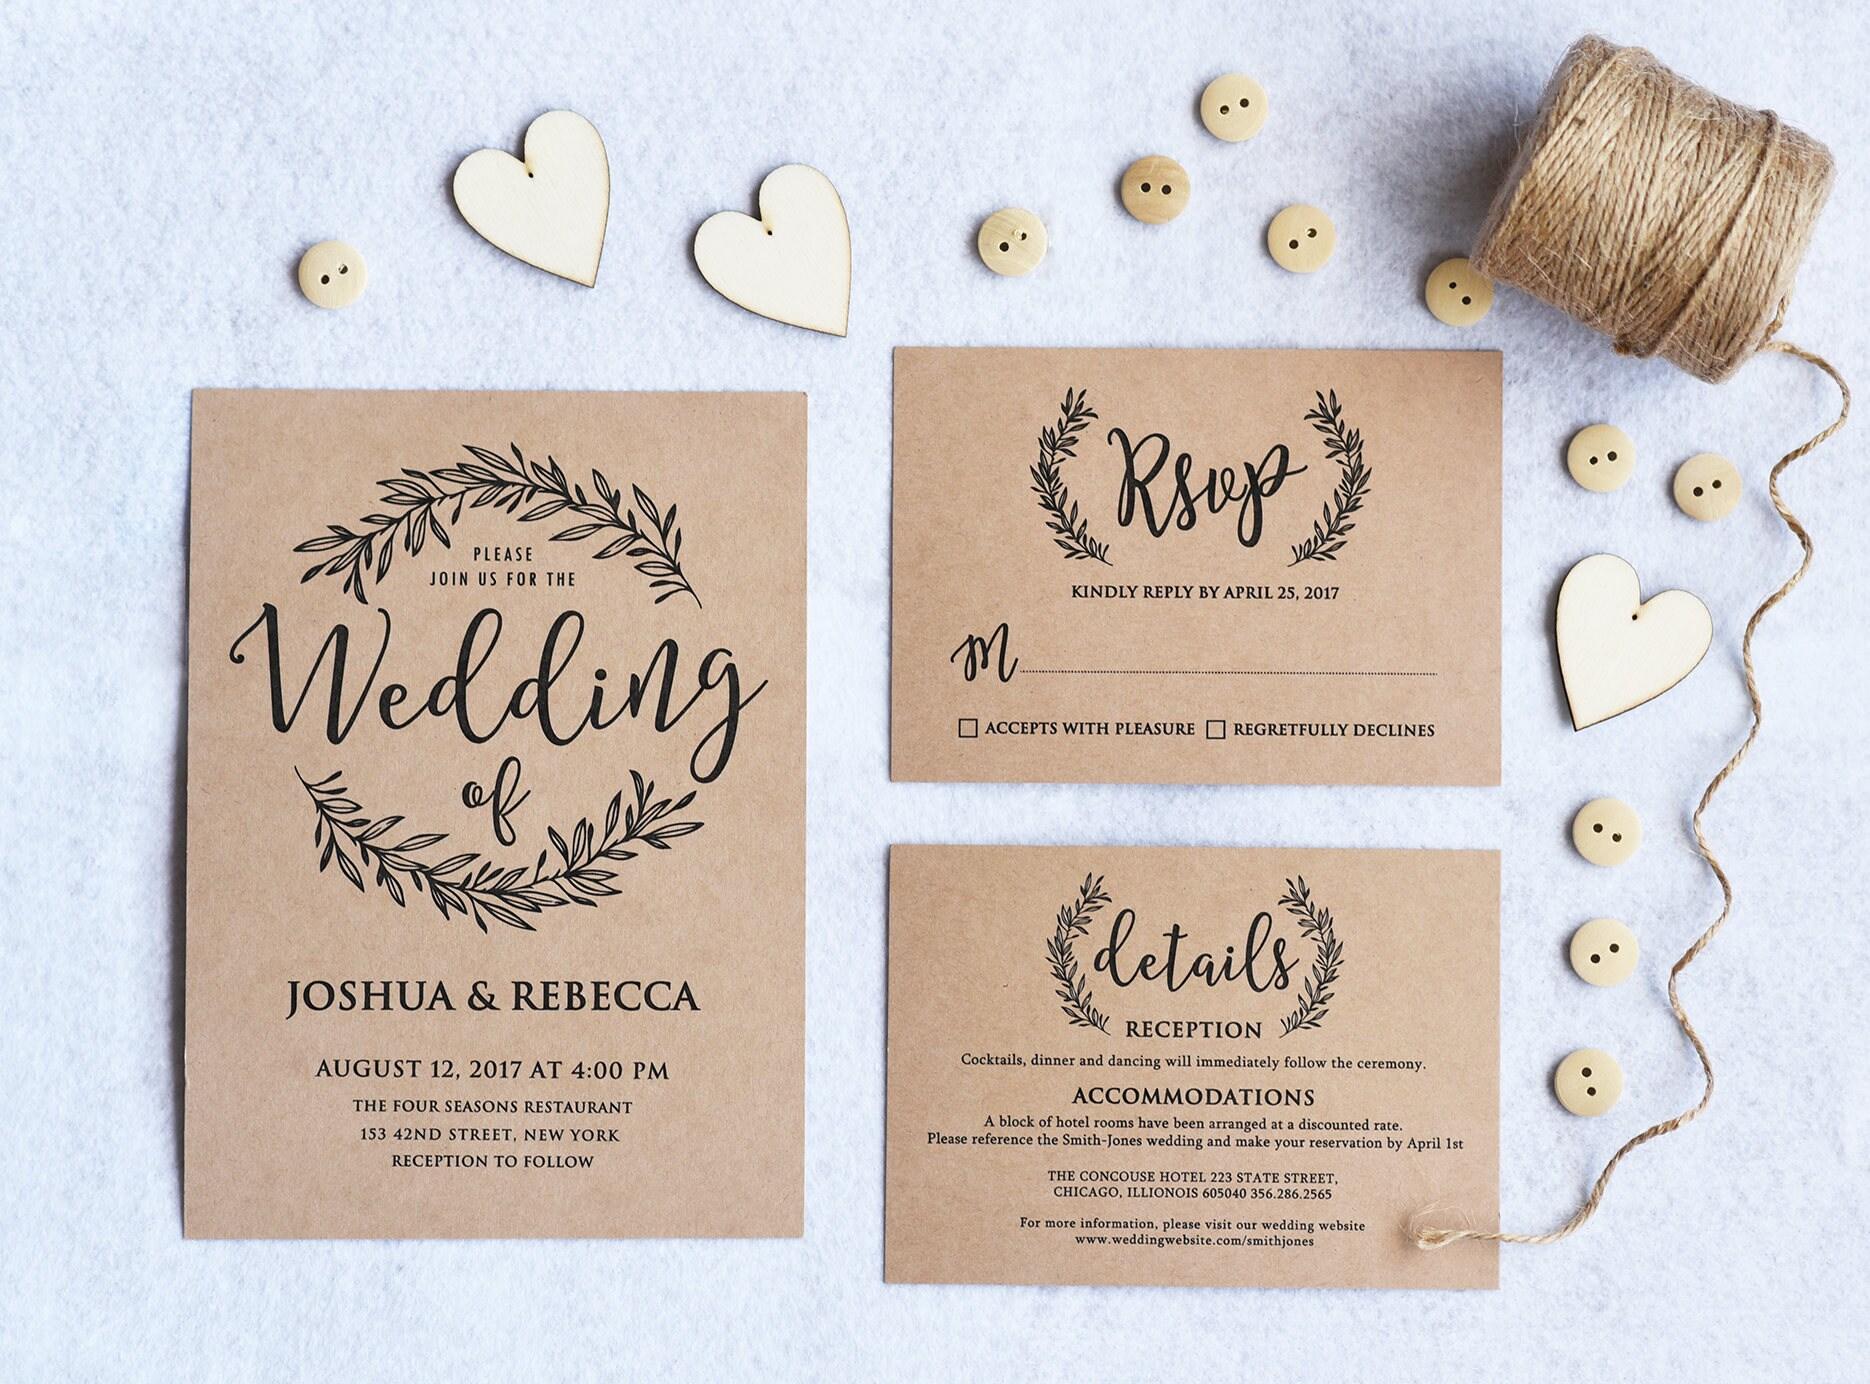 Kraft Wedding Invitation Printable Rustic Wedding Invitation - Wedding invitation templates: hotel accommodations template for wedding invitations